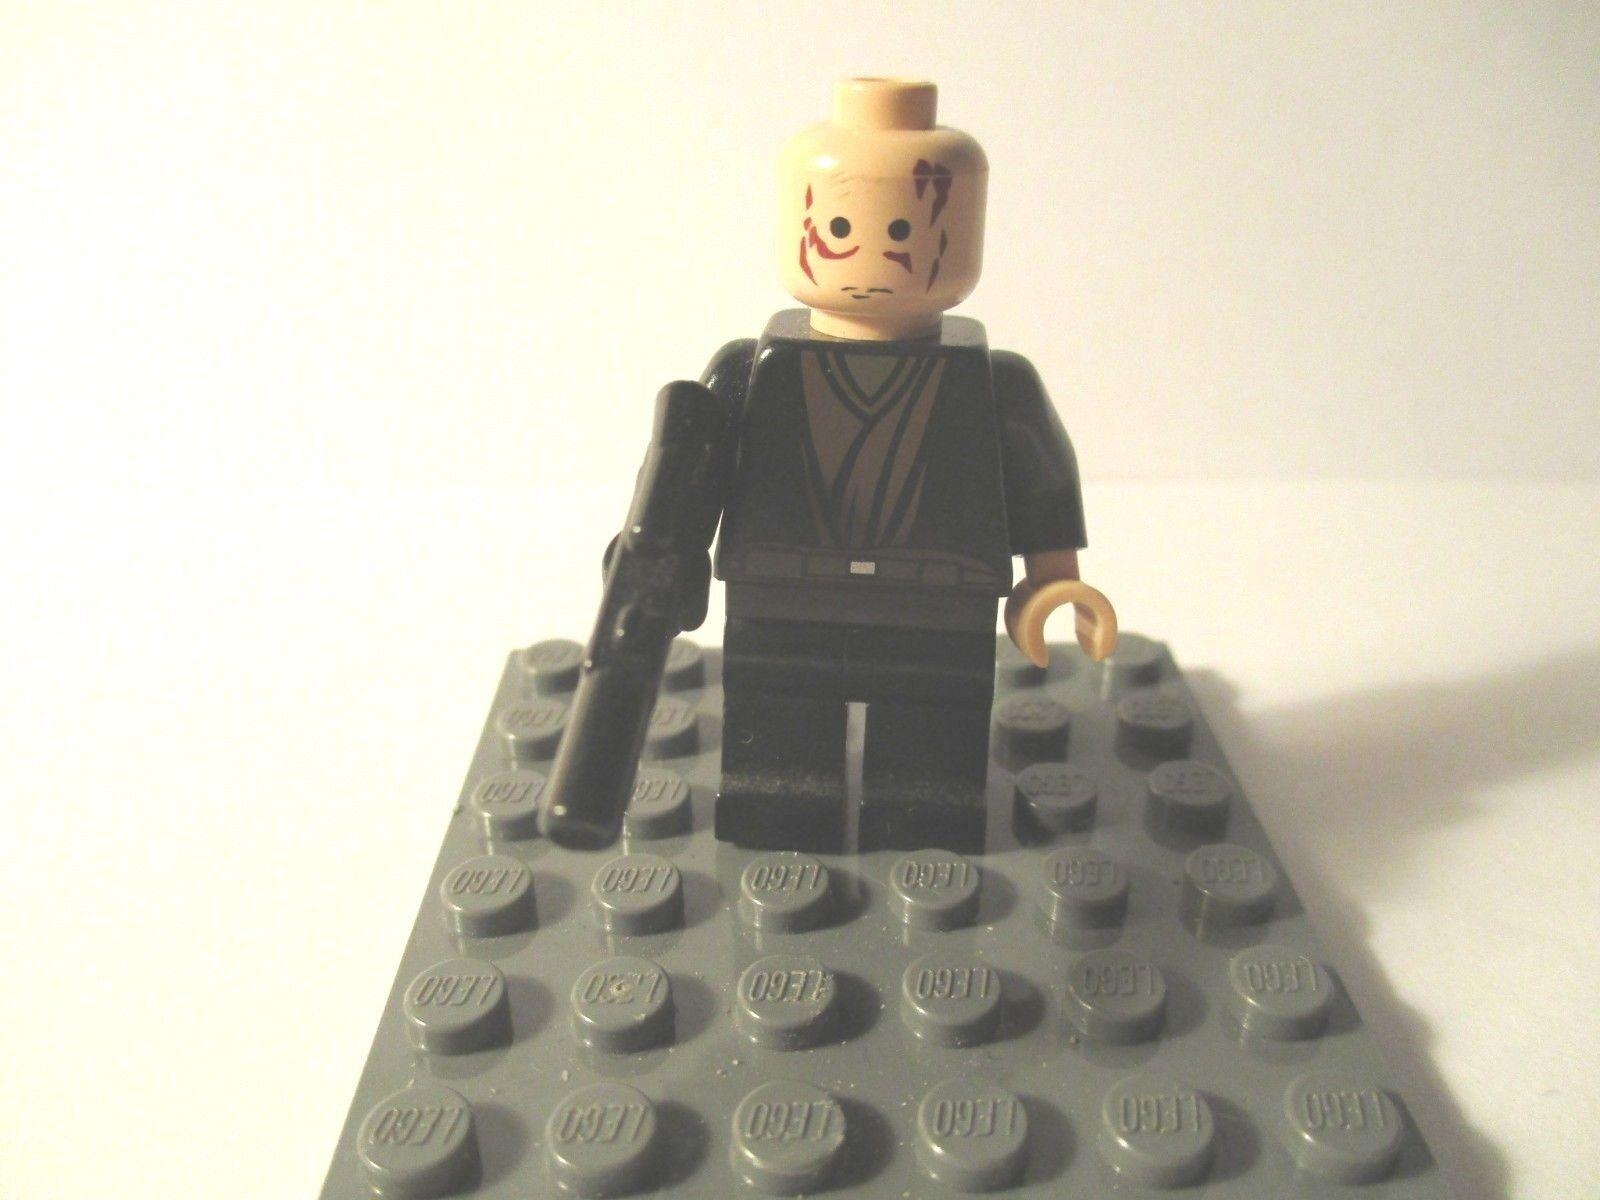 Lego-Star Wars-Anakin Wars-Anakin Wars-Anakin Skywalker-Personnage 1f458e